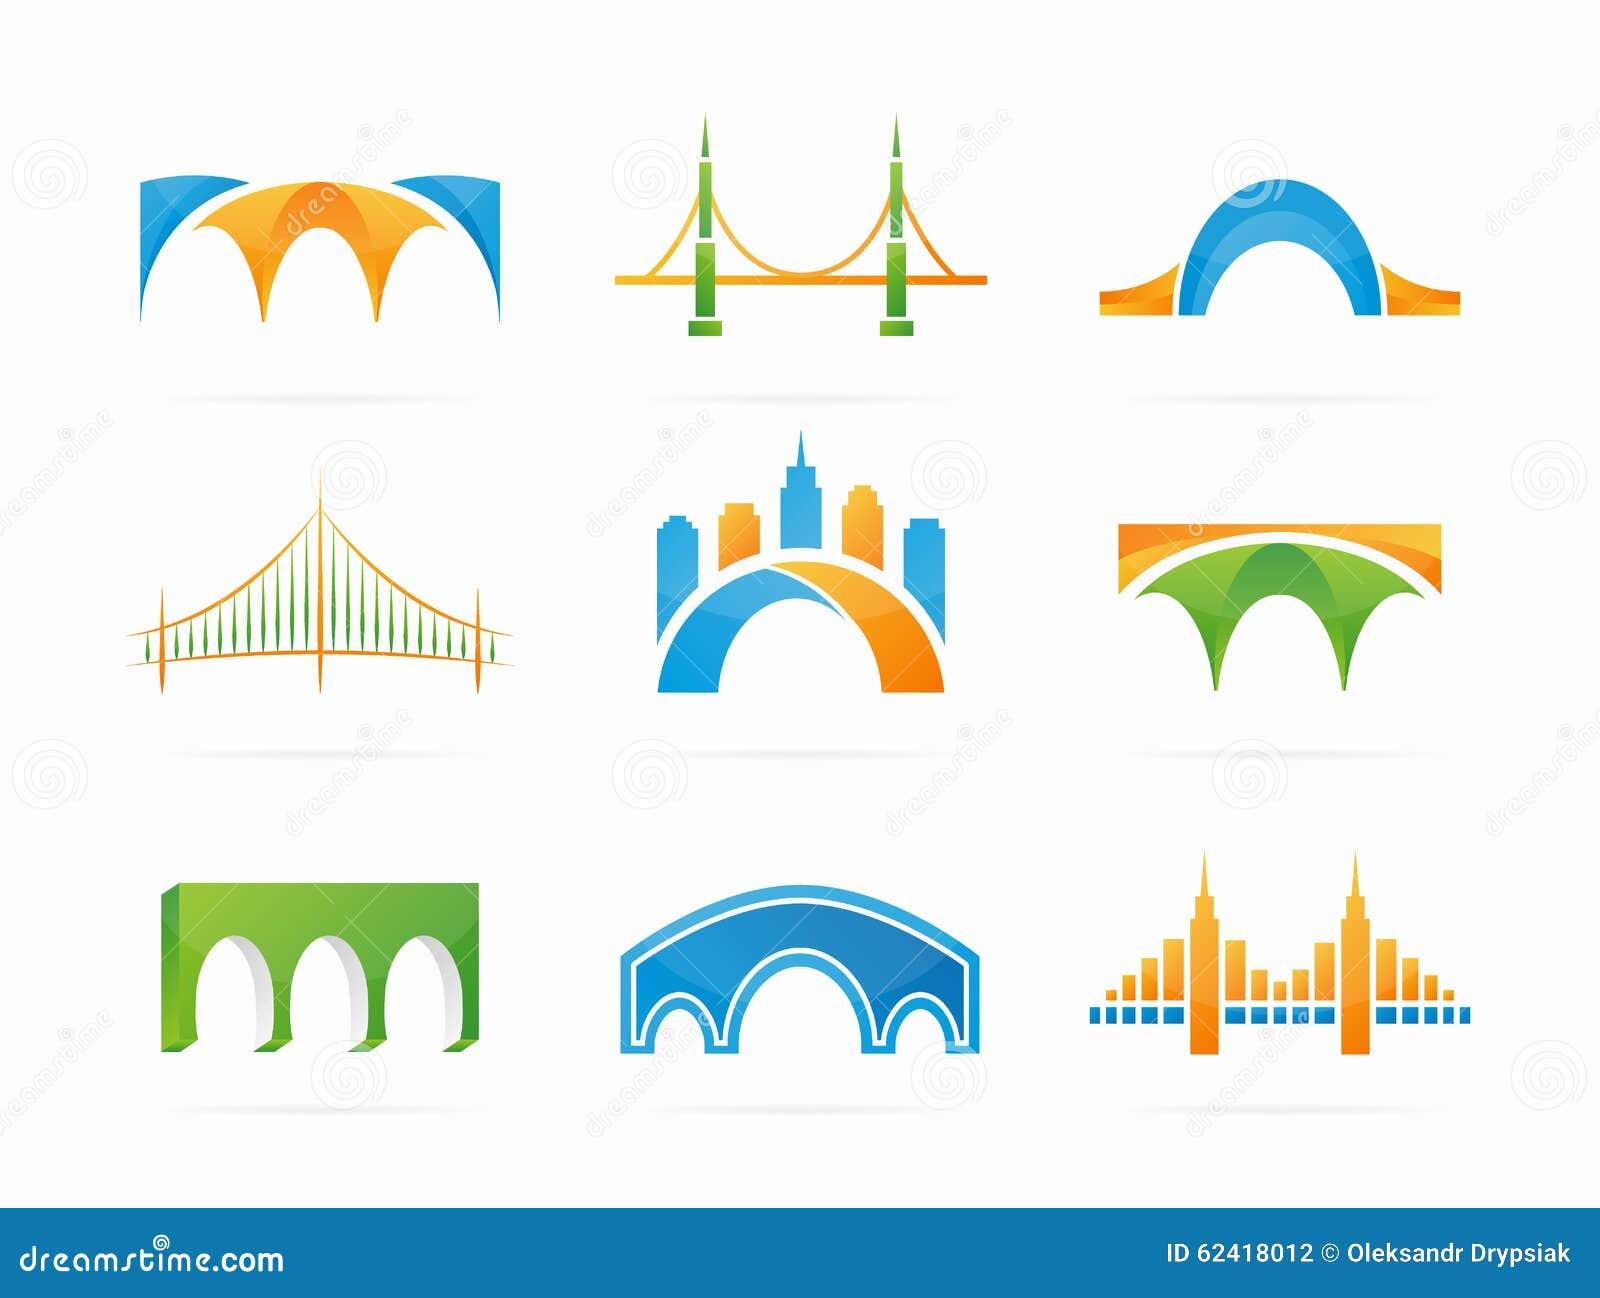 Vector Set Of Abstract Bridge Connection Logo Stock Vector ...